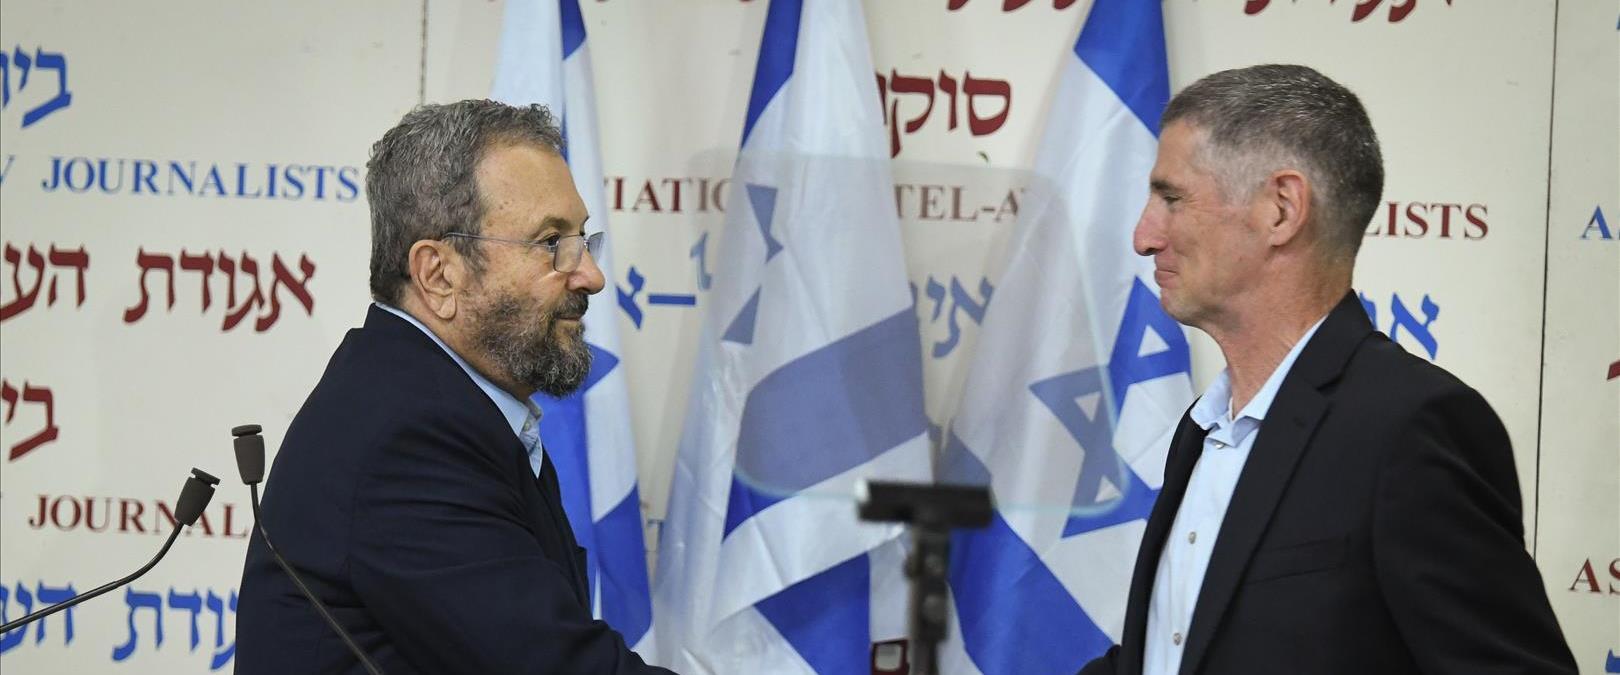 אהוד ברק ויאיר גולן בהודעה על הקמת מפלגה